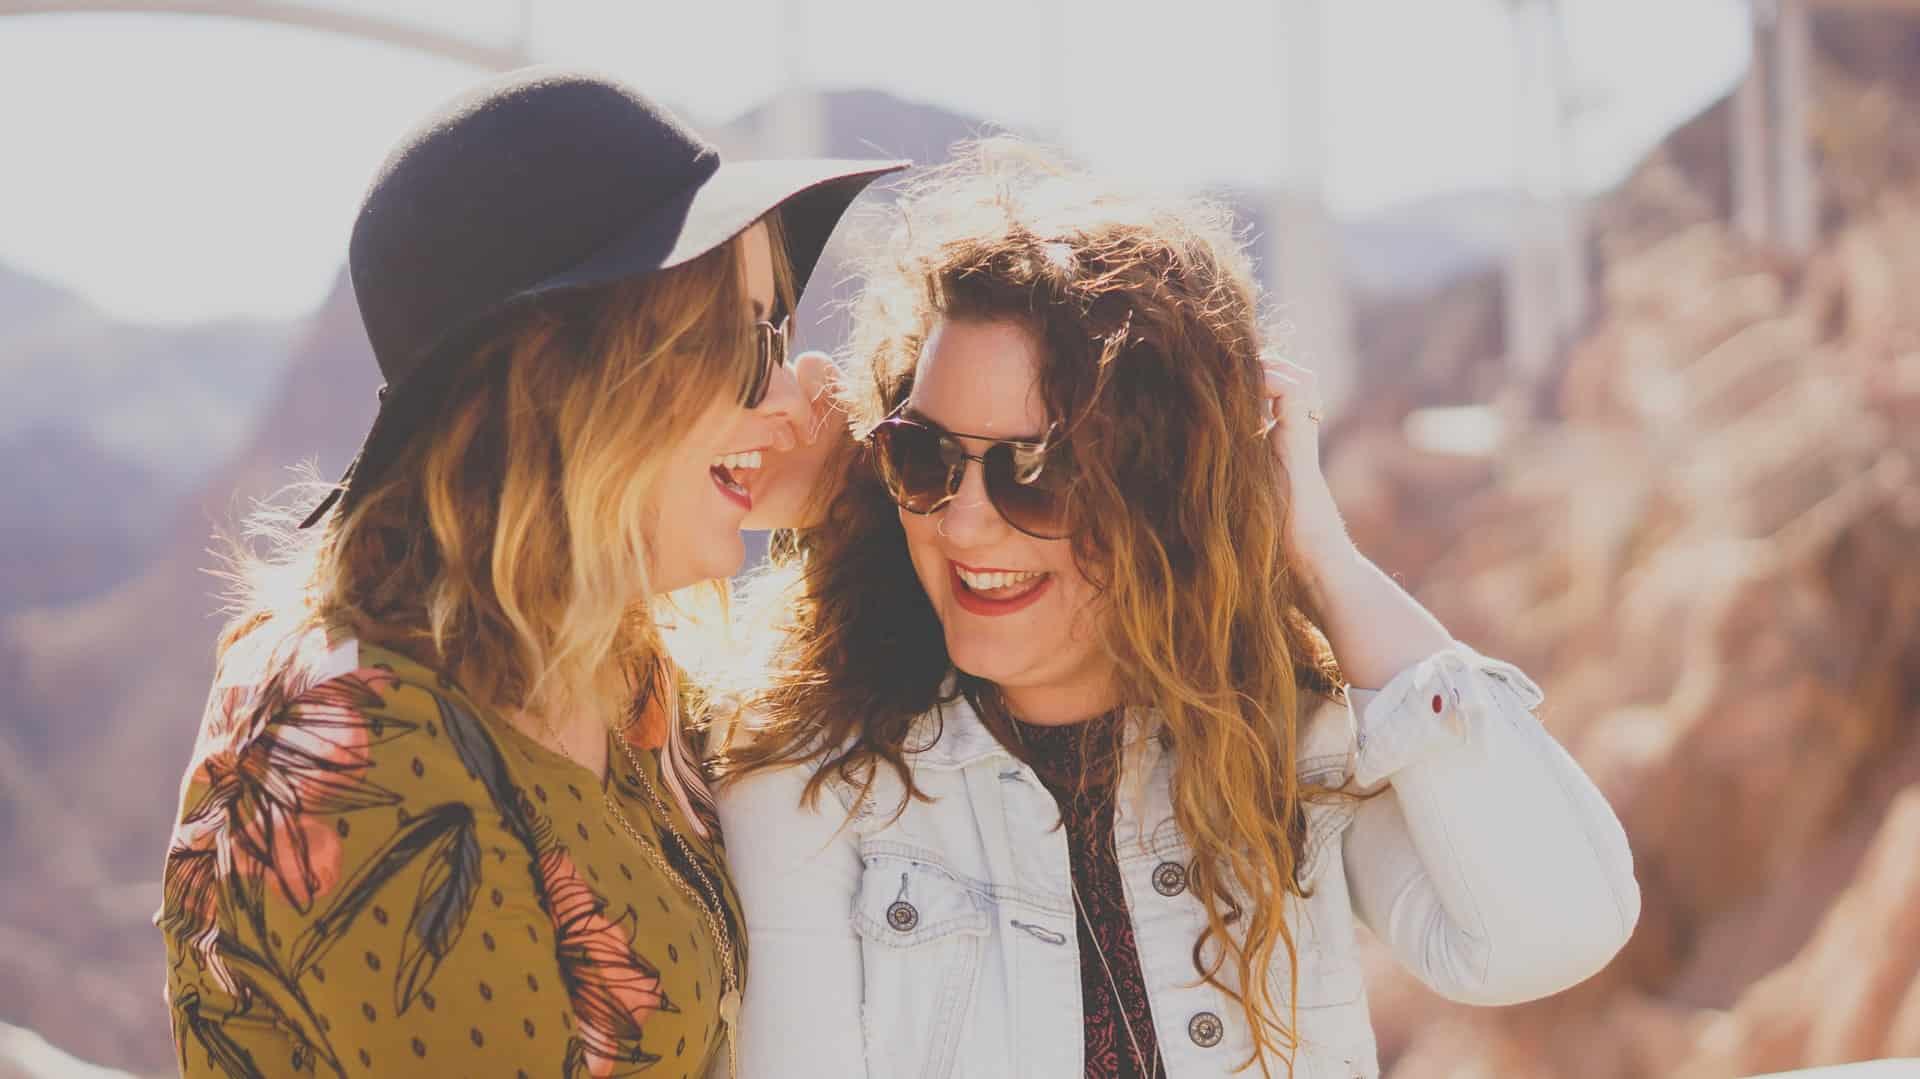 zwei Freundinnen lachen zusammen, während sie draußen stehen